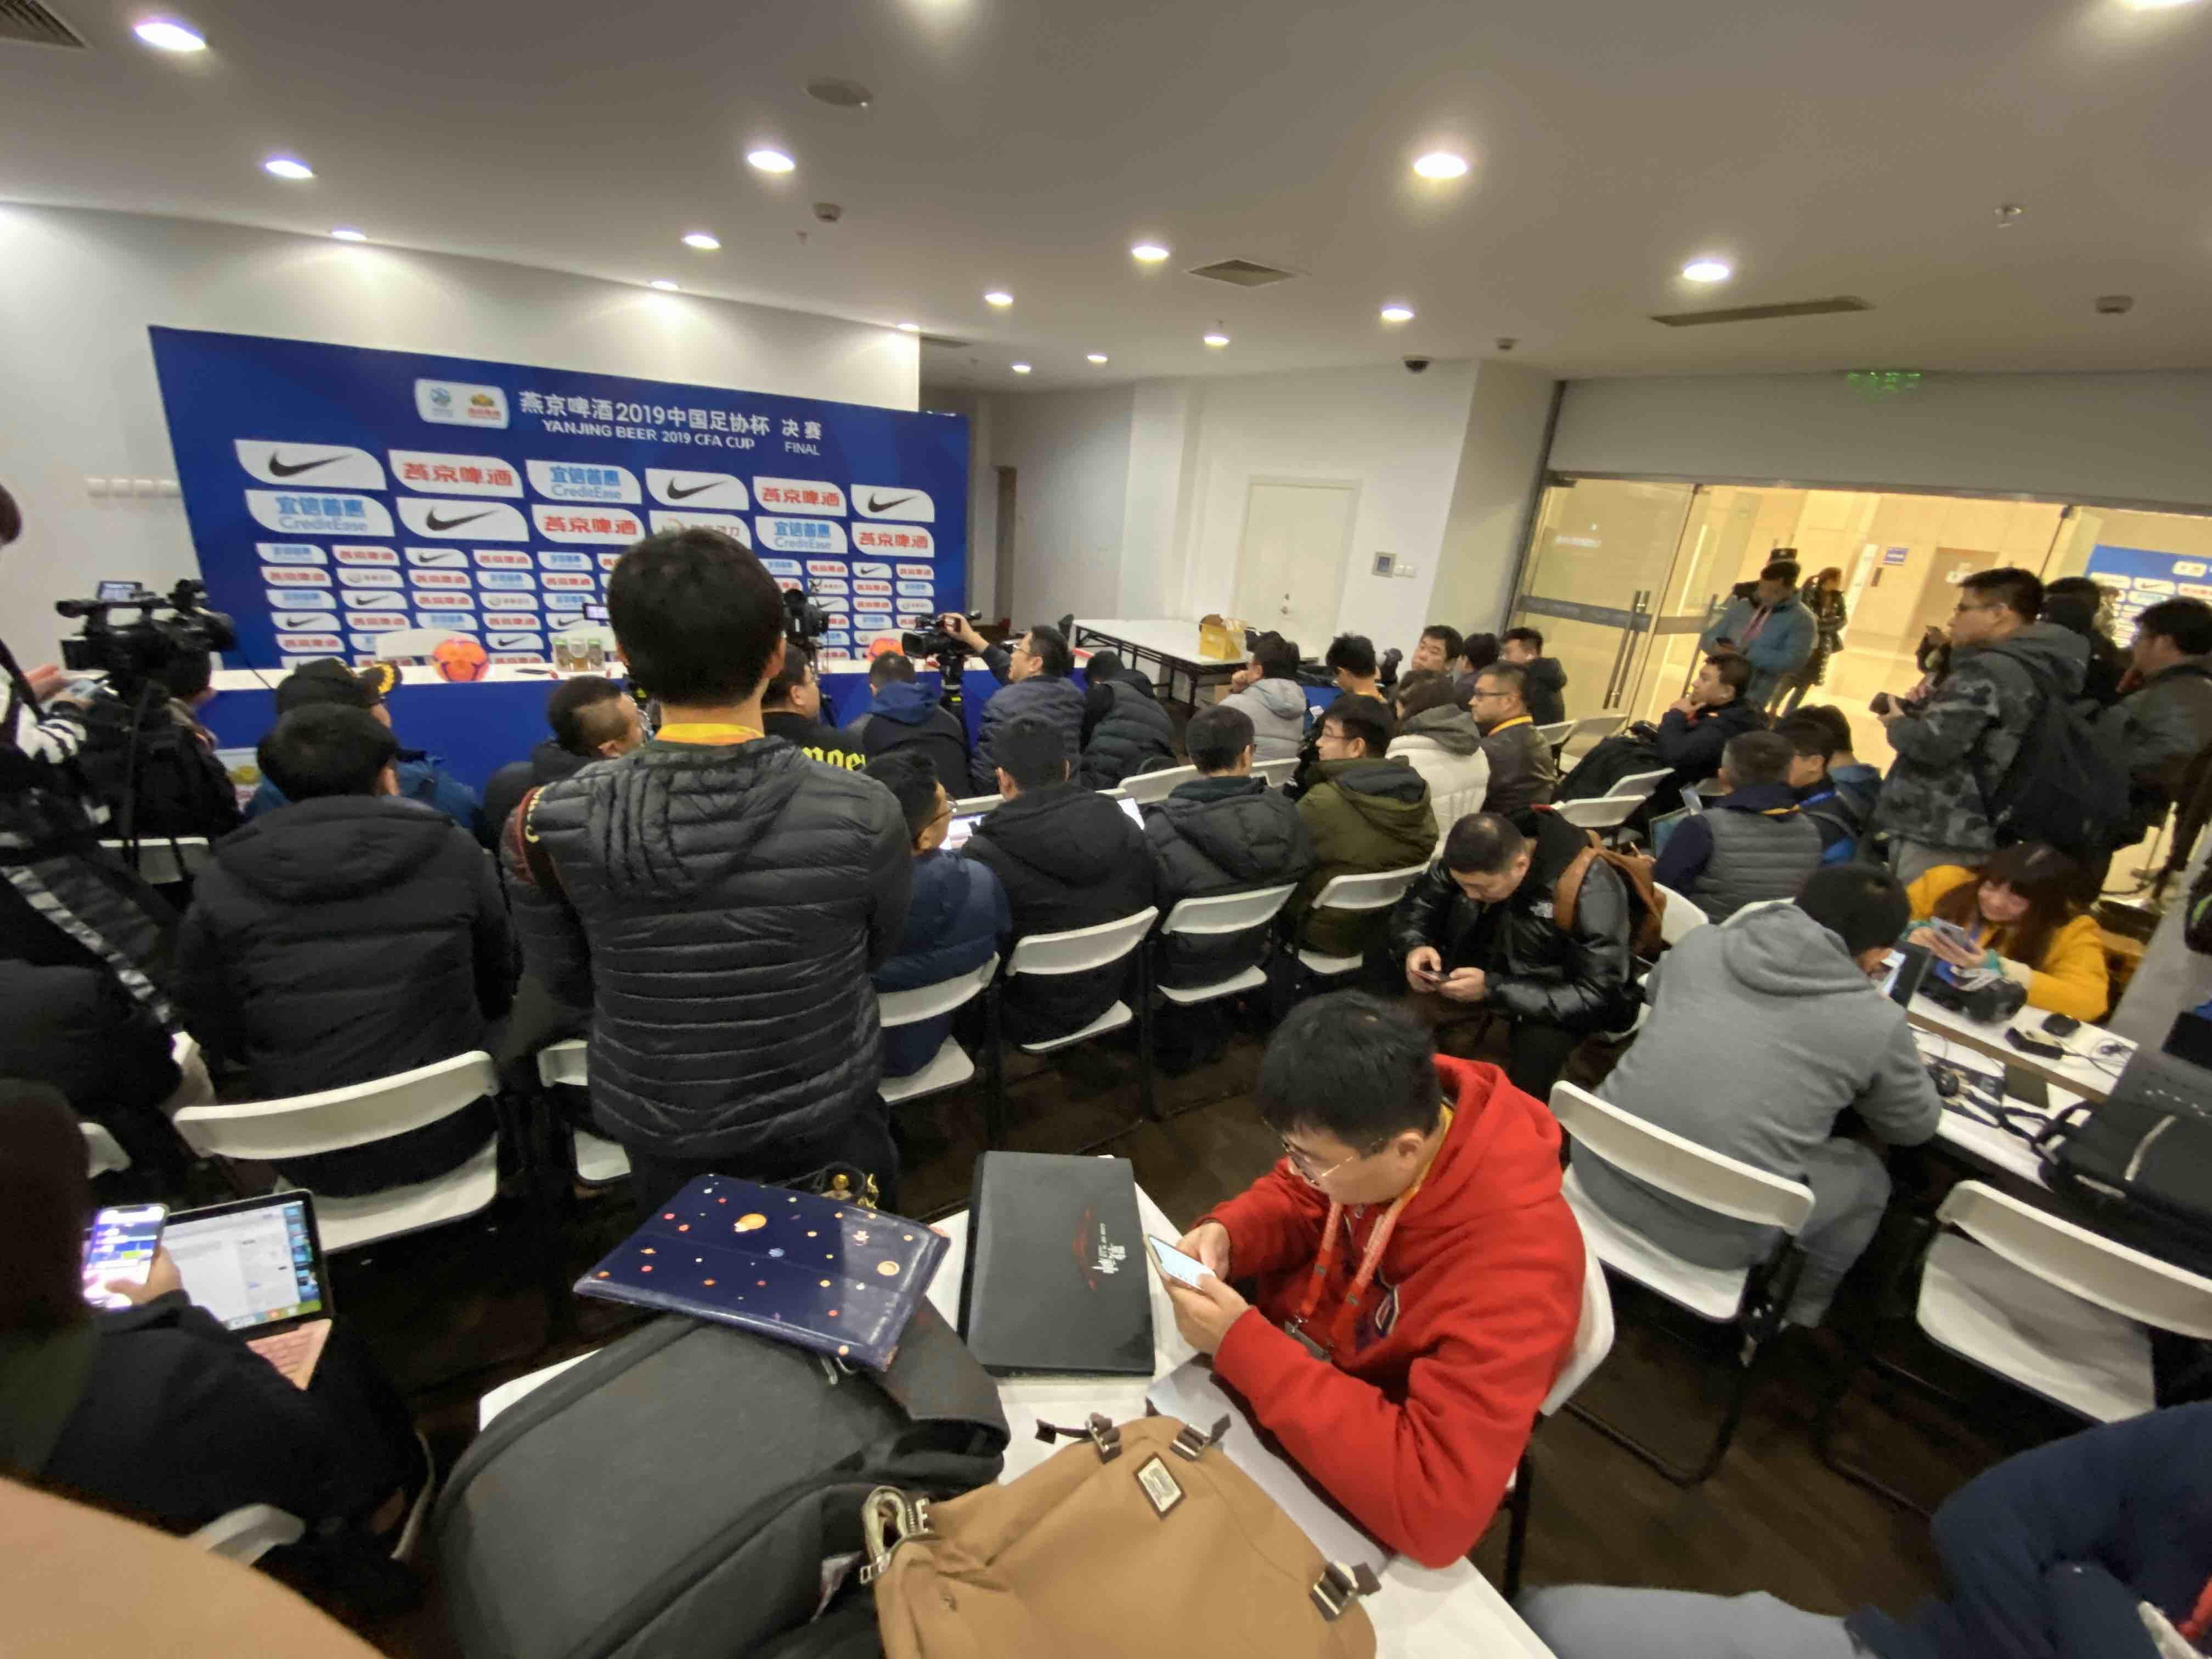 足协杯决赛次回合打响 鲁能申花赛前发布会人数爆棚